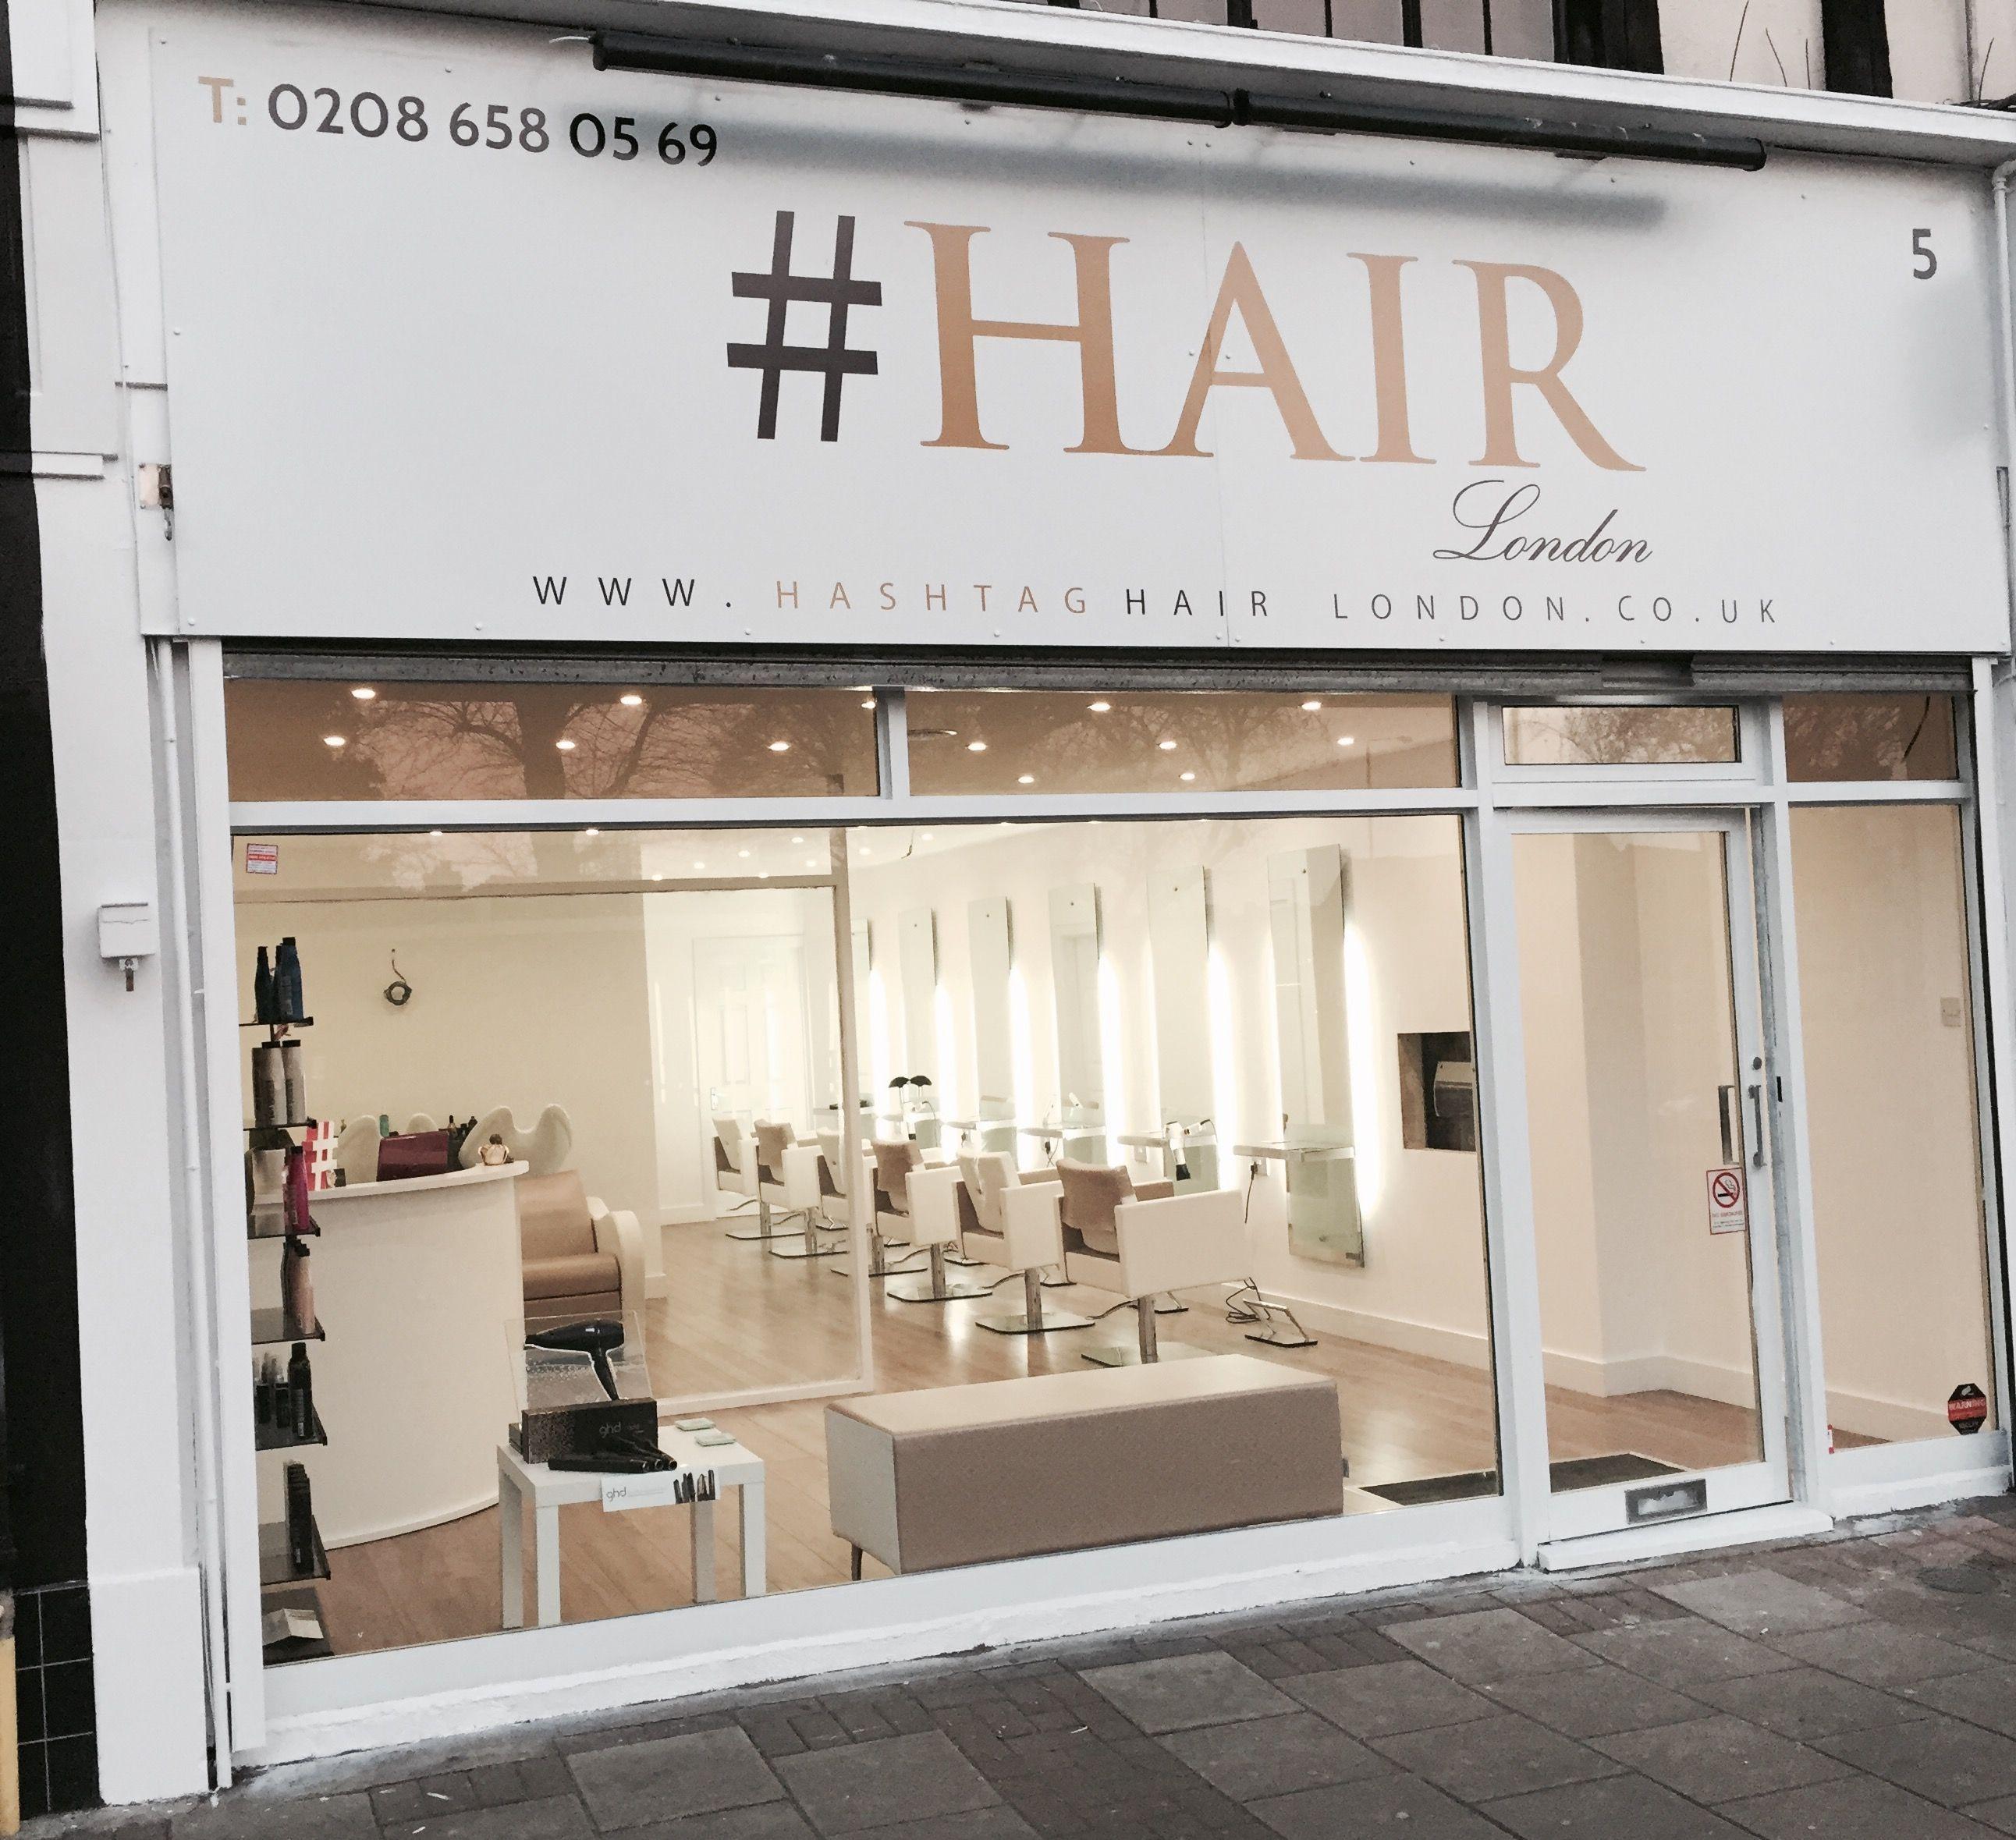 #CHEVEUX Salon, Londres | Capital Hair & Beauty Salon Refit Pour plus de détails sur les ... -  #CHEVEUX Salon, Londres | Rénovation du salon de coiffure et de beauté Capital #Beauté #Capitale #BEAUTE #Capital #coiffure #détails #Hair #Londres #mobilier salon de coiffure #pour #Rénovation #salon